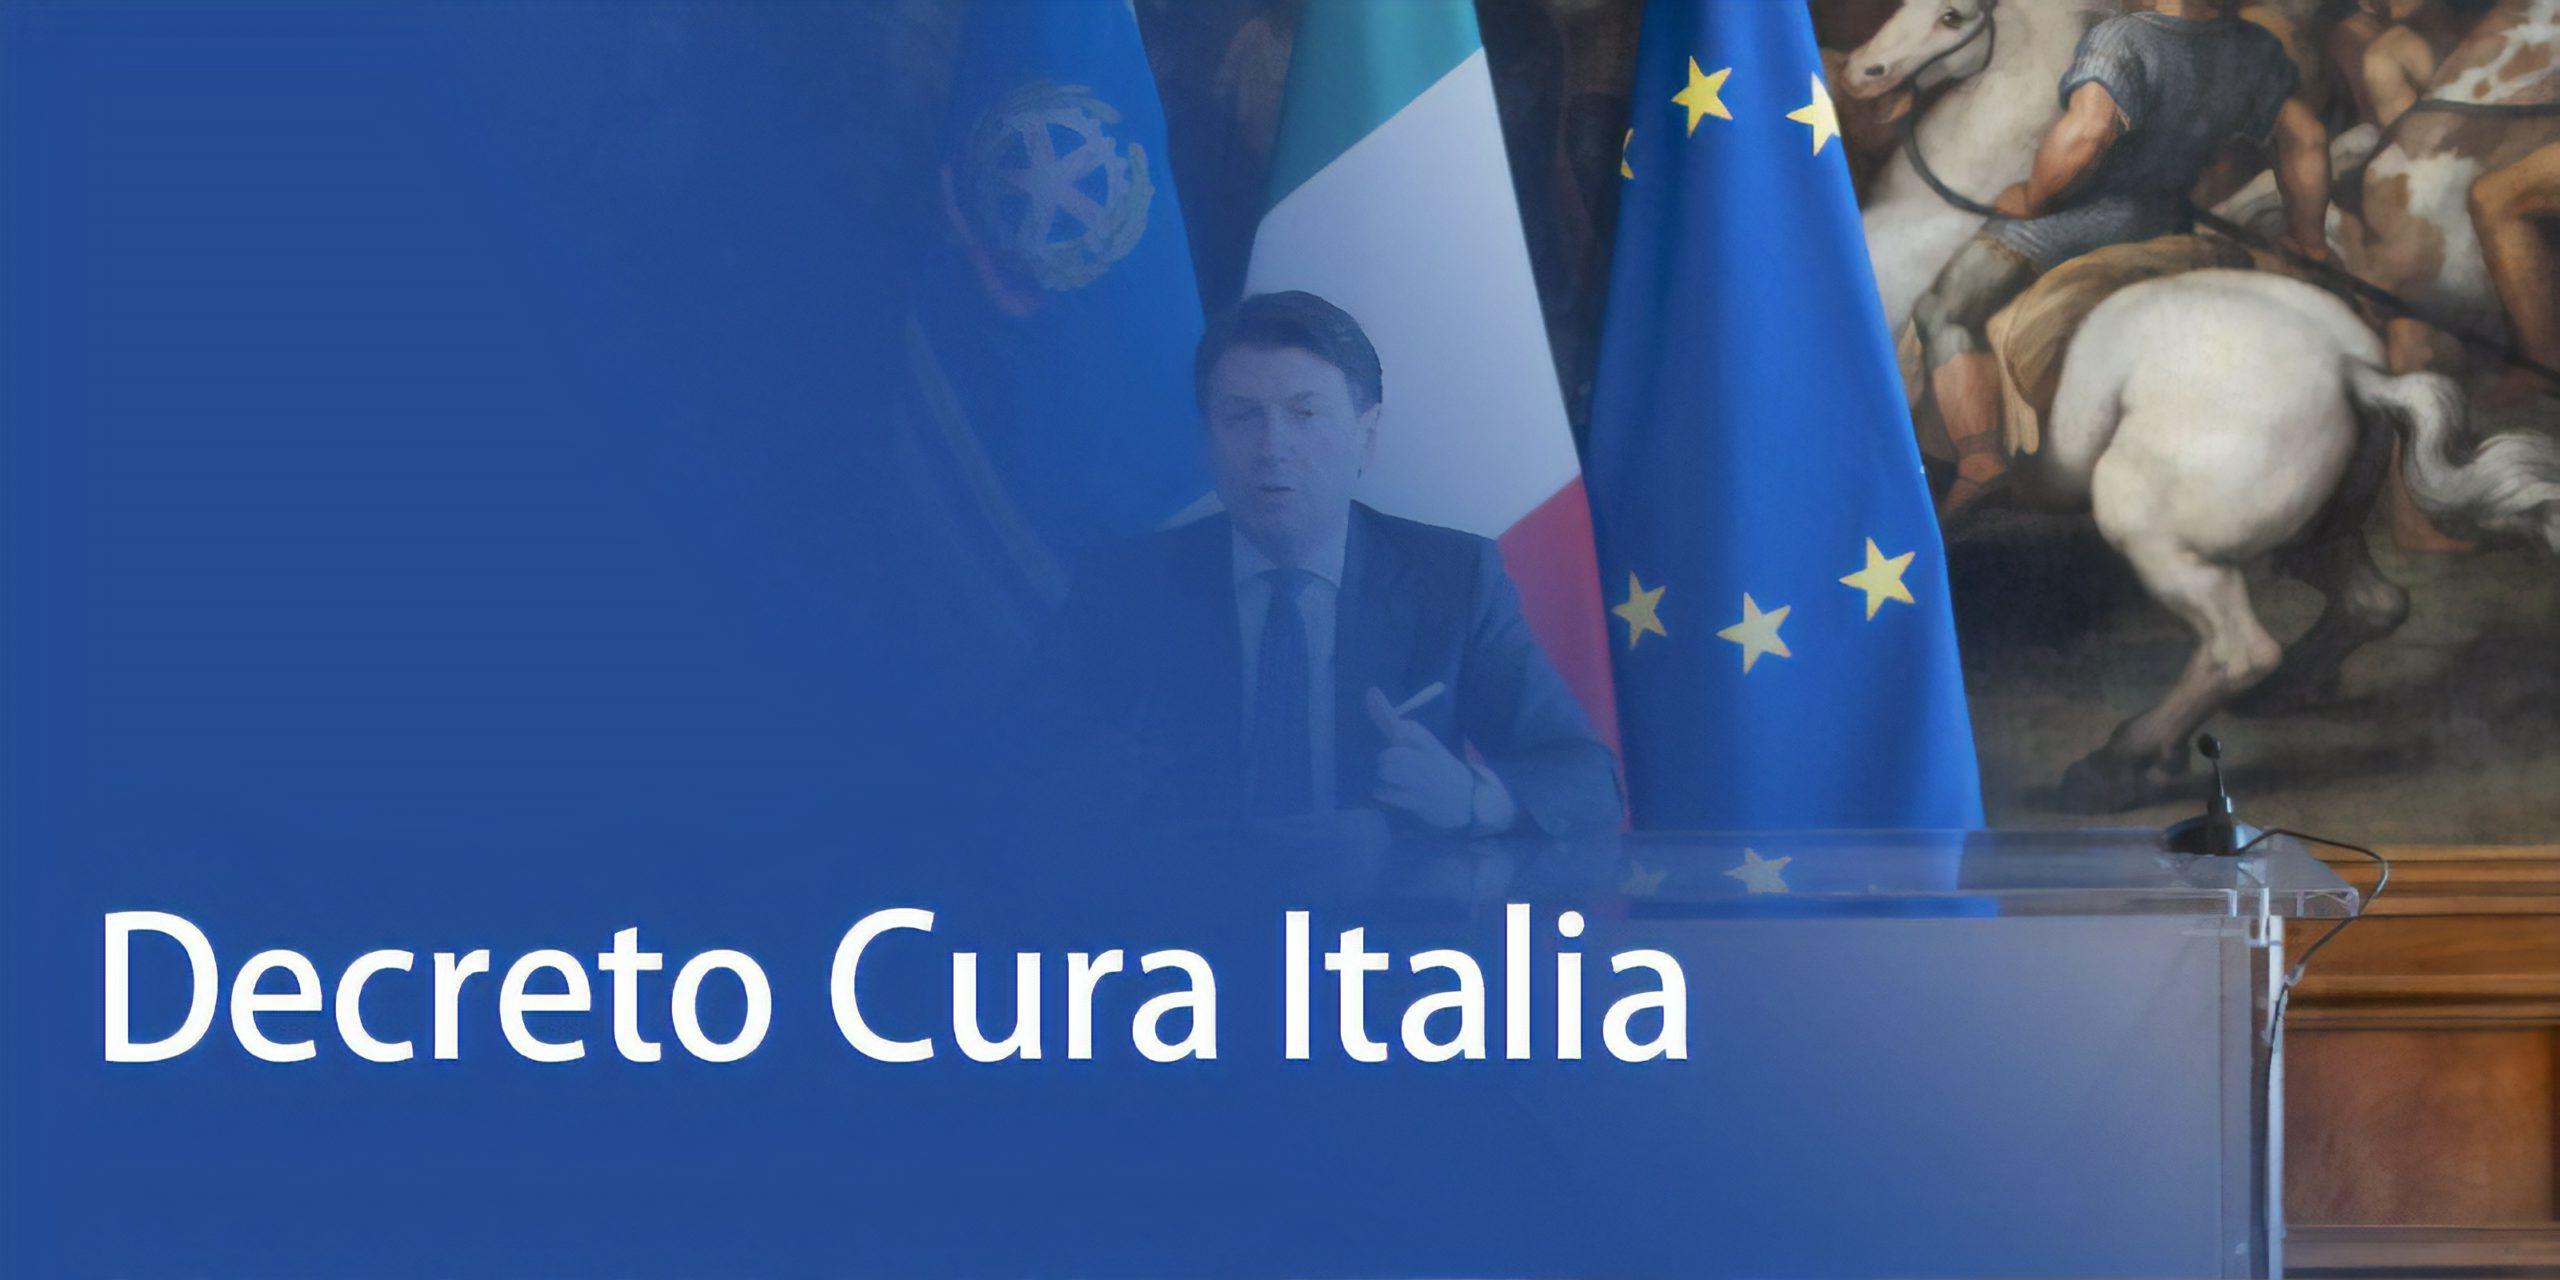 Decreto Cura Italia: testo e misure definitive